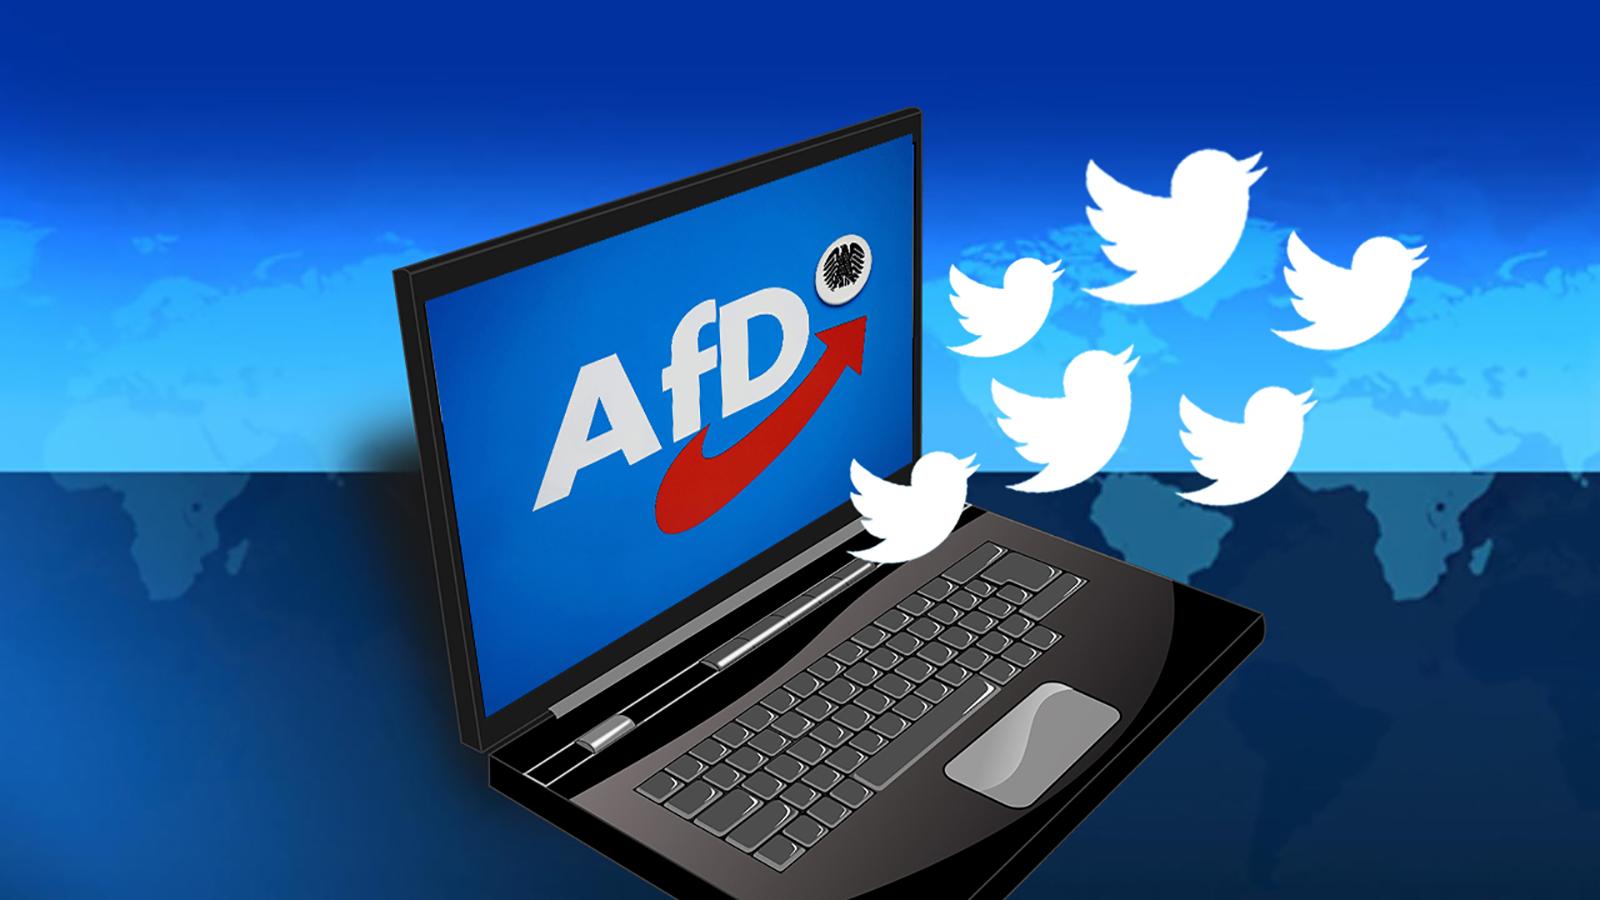 Seltsamer 'Tagesschau'-Bericht: Beherrscht die AfD das halbe Internet?